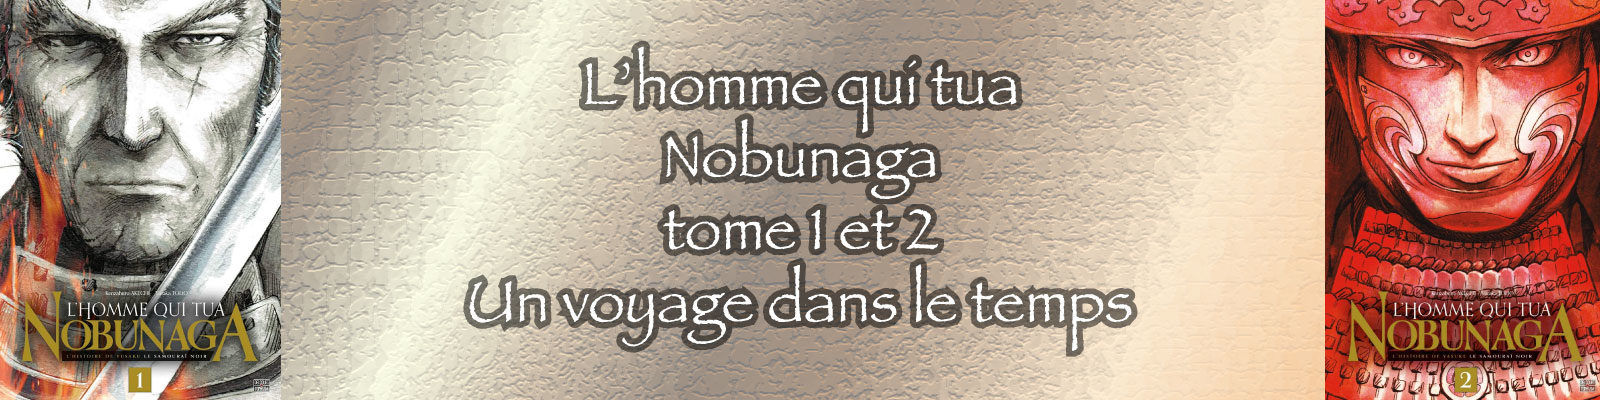 L'homme qui tua Nobunaga-Vol.-1-1